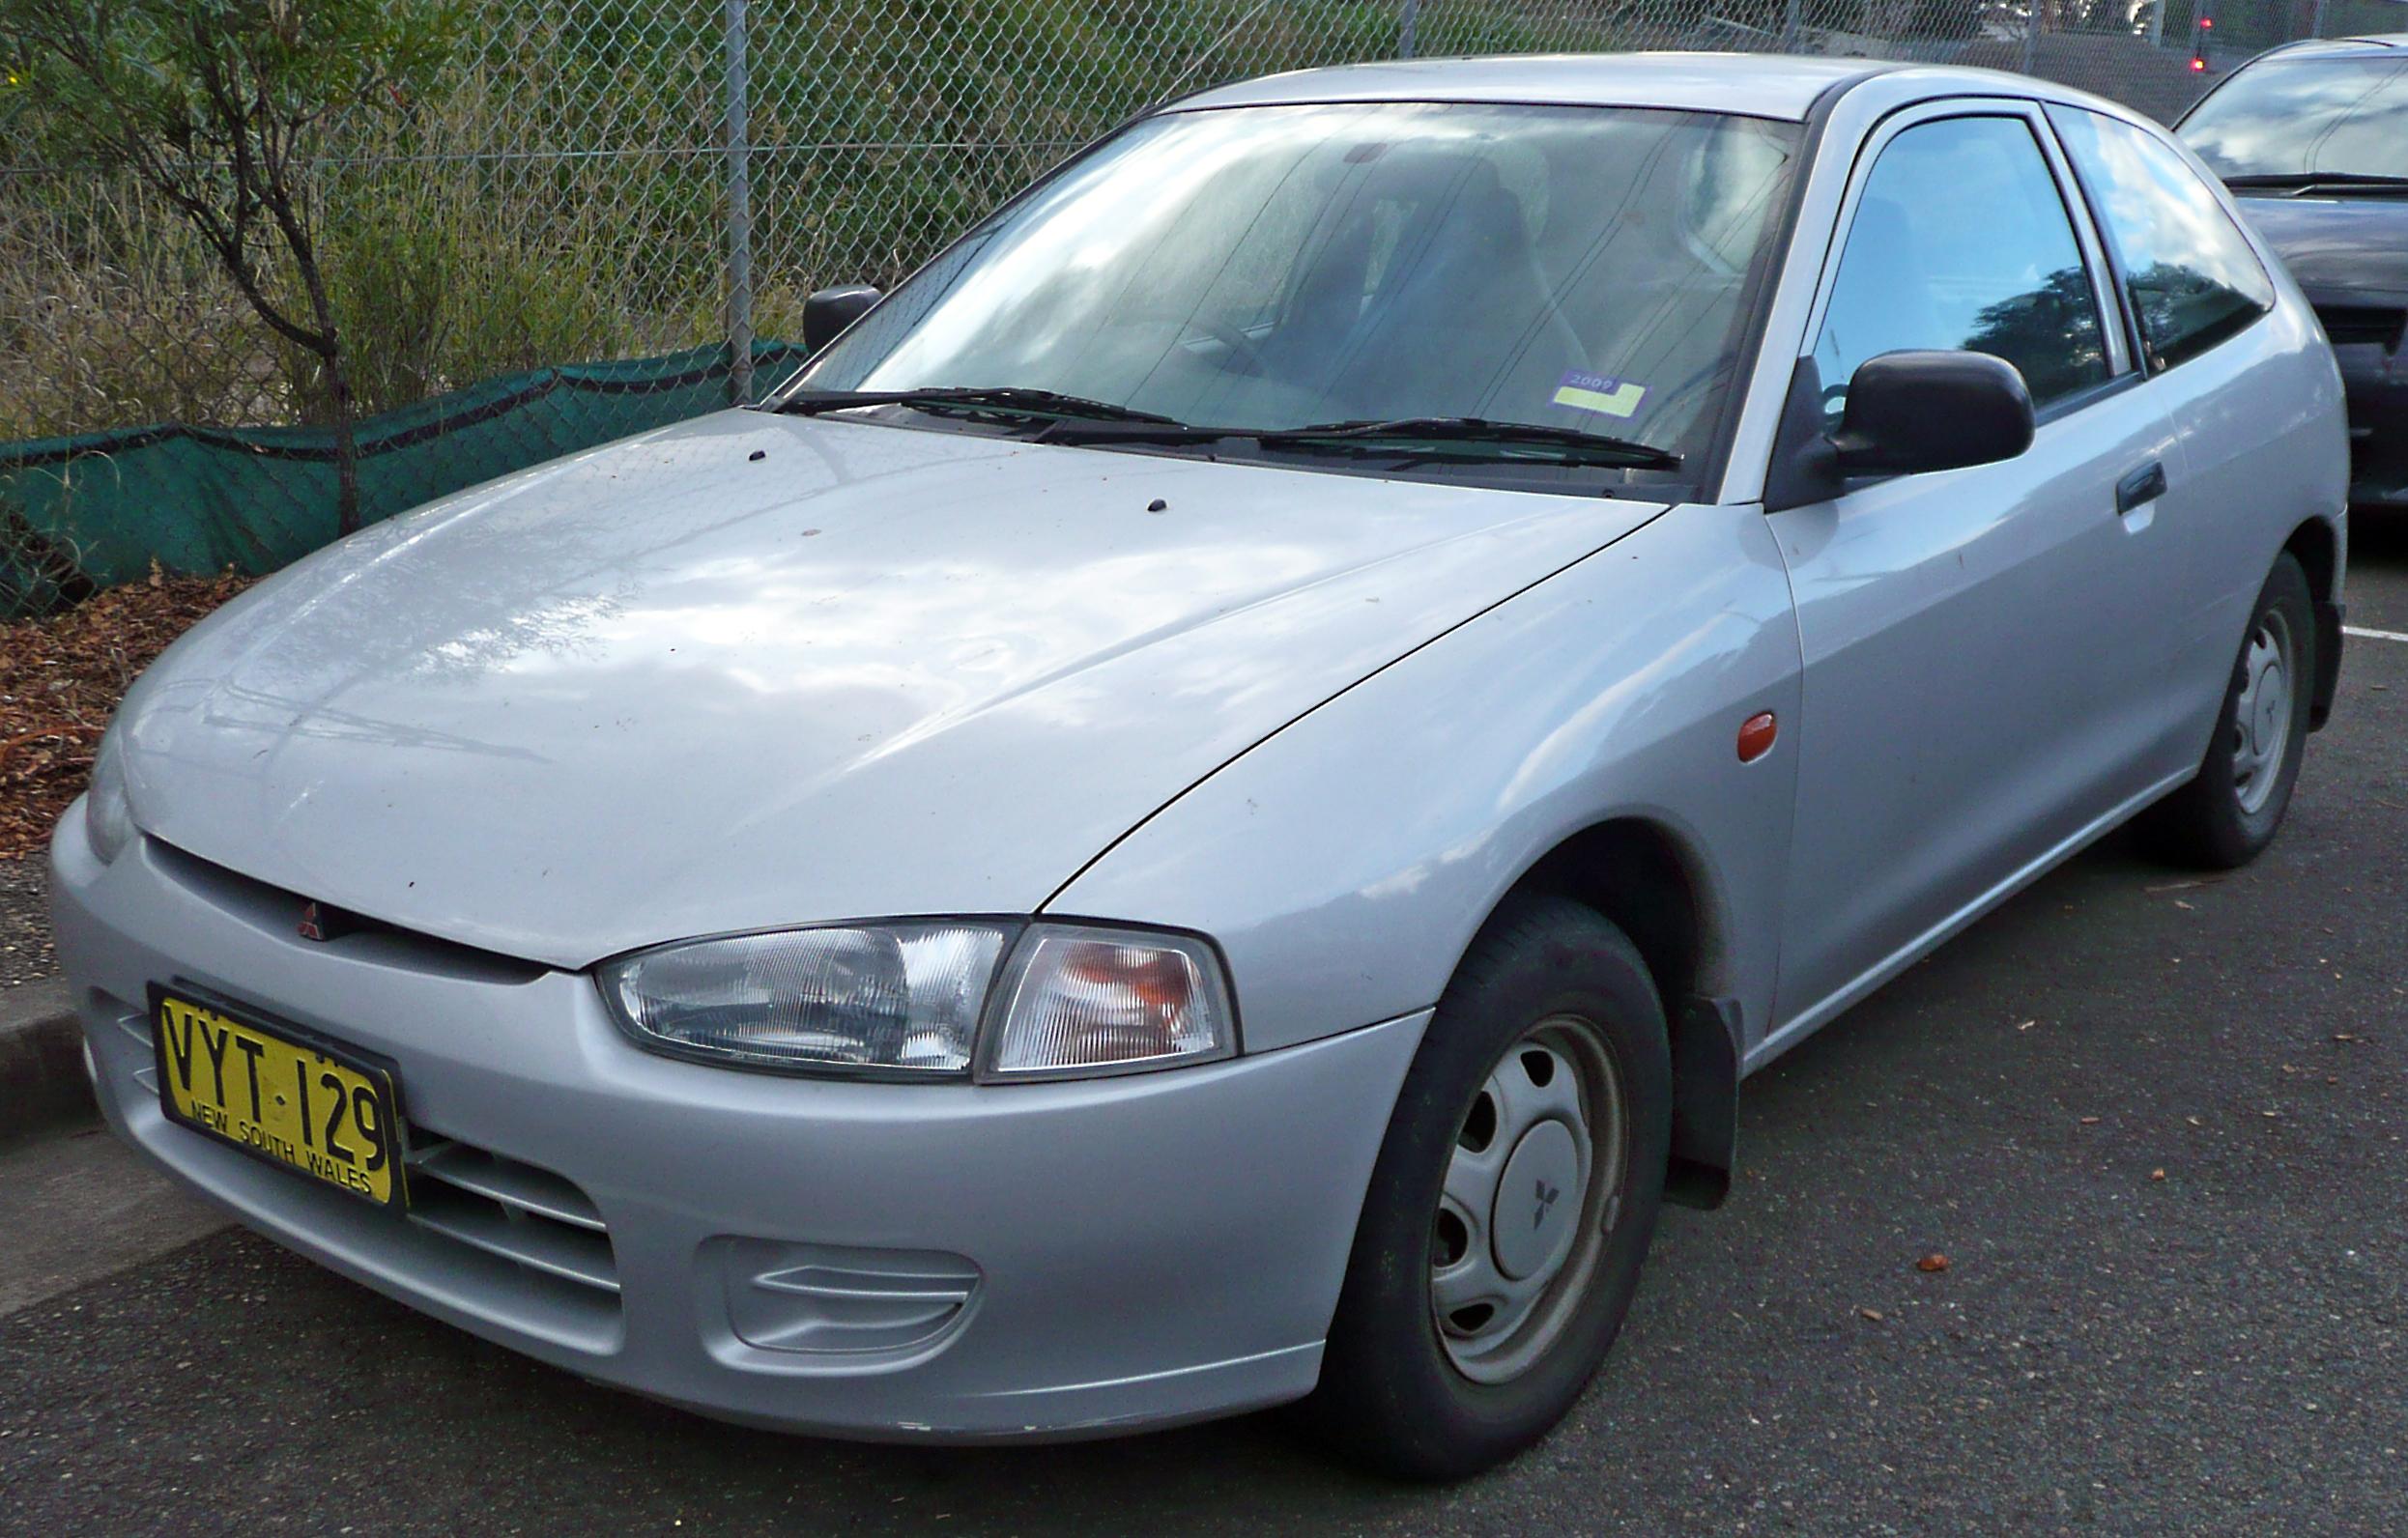 1998 Mitsubishi Mirage Image 5